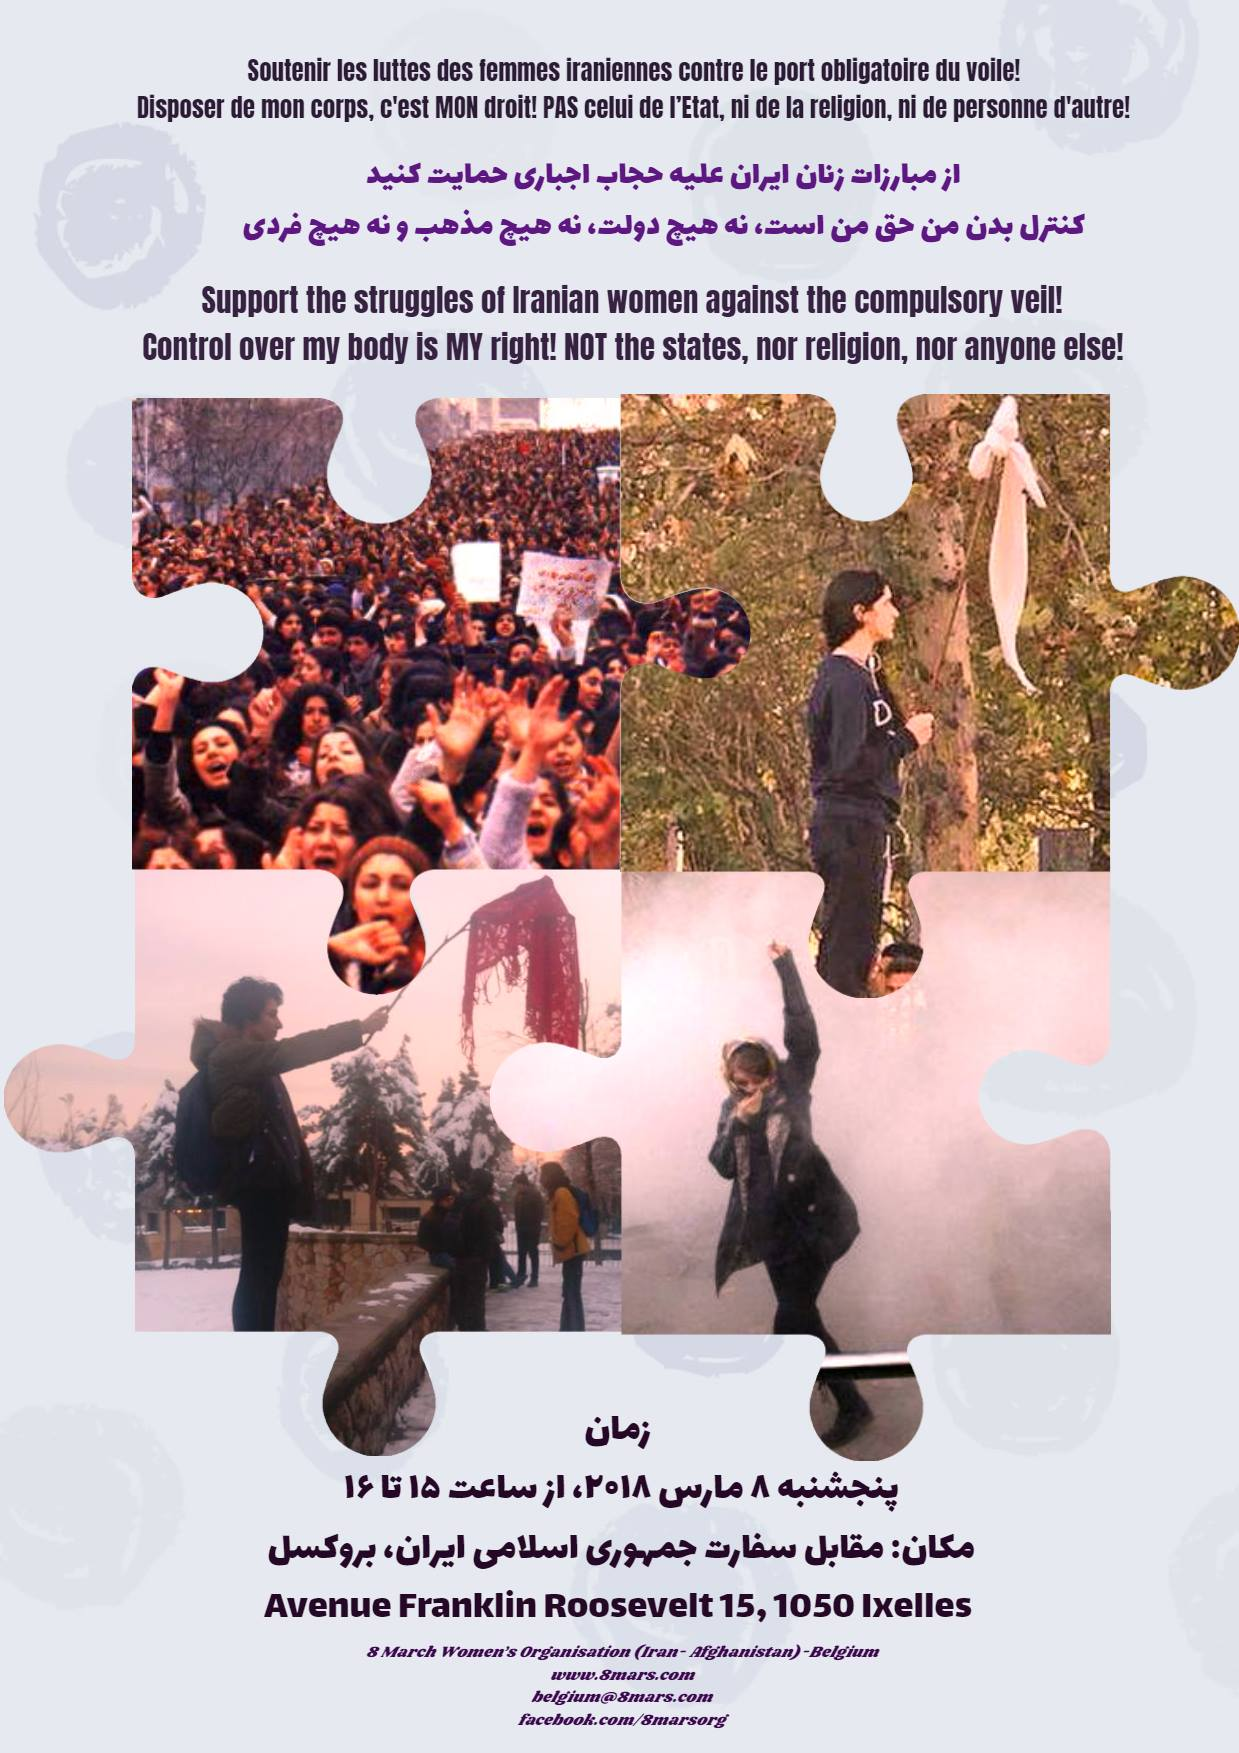 Soutenir les luttes des femmes iraniennes contre le voile obligatoire